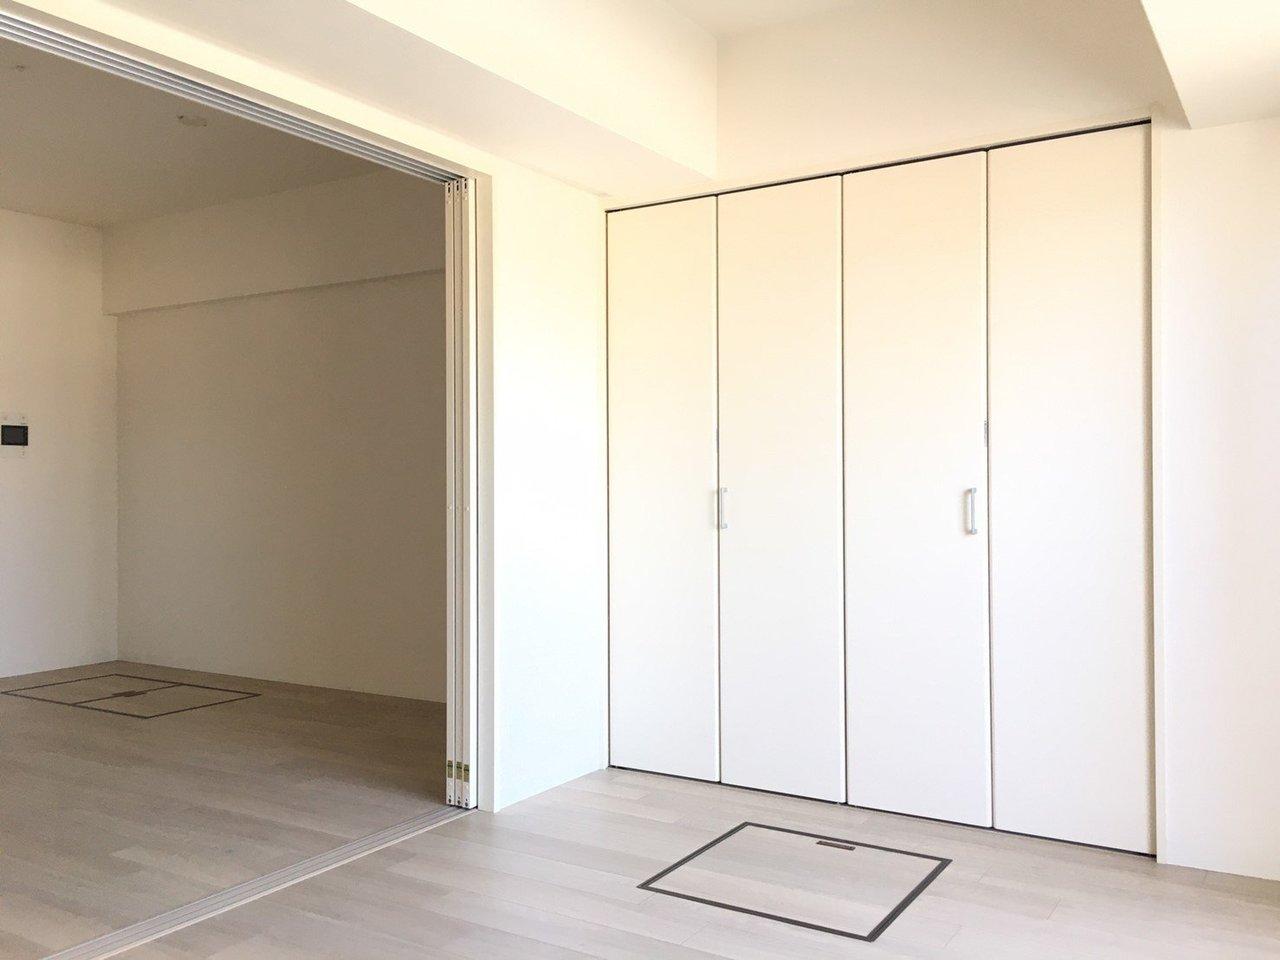 収納スペースは、この大きなクローゼットだけではありません。床下に2つ、収納スペースがあるのがわかりますか?こちらには、普段は使わない予備の洗剤や食材などを入れて、生活スペースを効率よく使っていきたいですね。